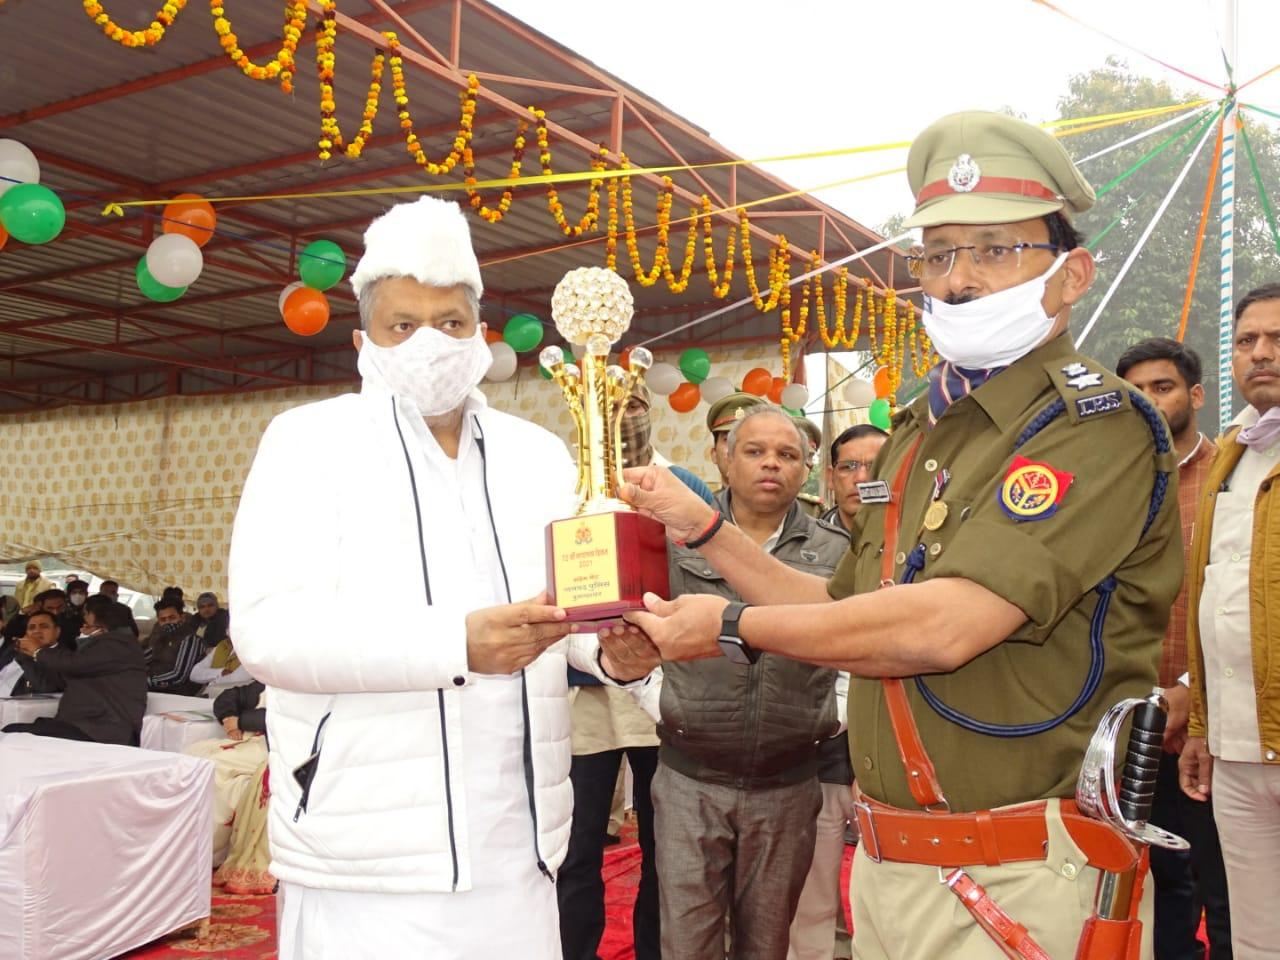 72वें गणतंत्र दिवस के मौके पर राज्य मंत्री अनिल शर्मा ने ध्वजारोहण कर तिरंगे को दी सलामी